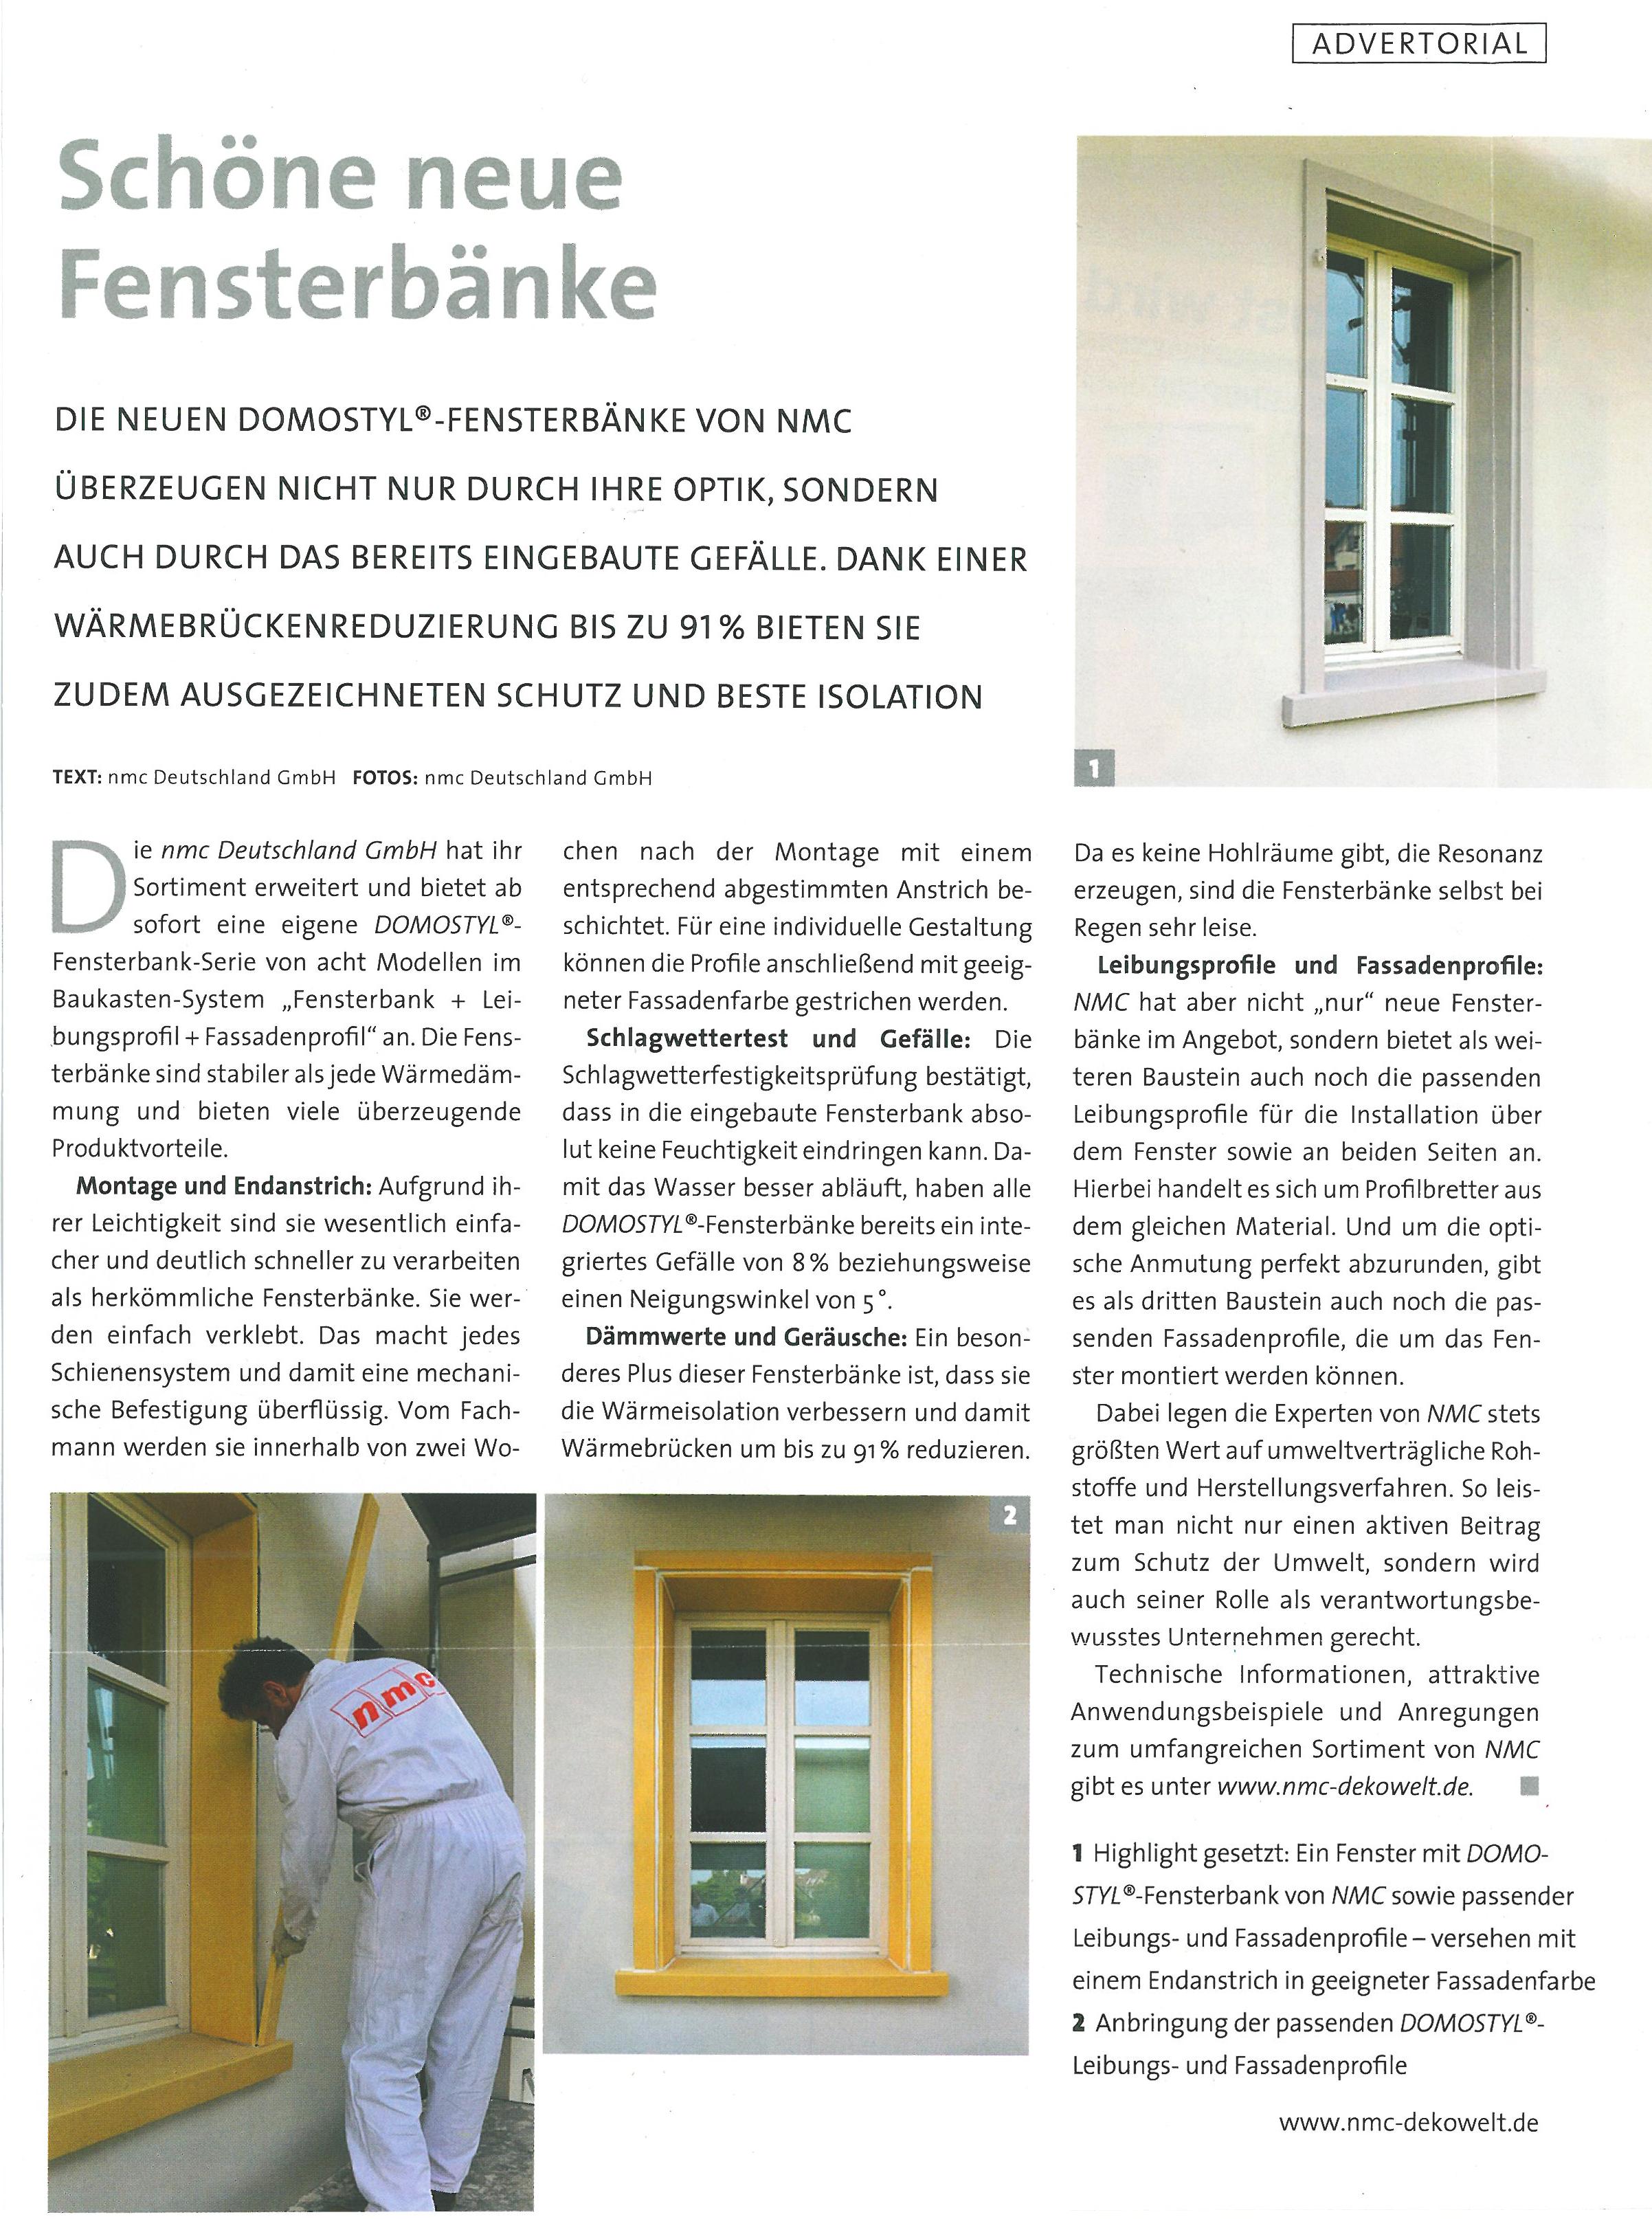 Schone Neue Fensterbanke Magazin Bauidee Media Pinterest